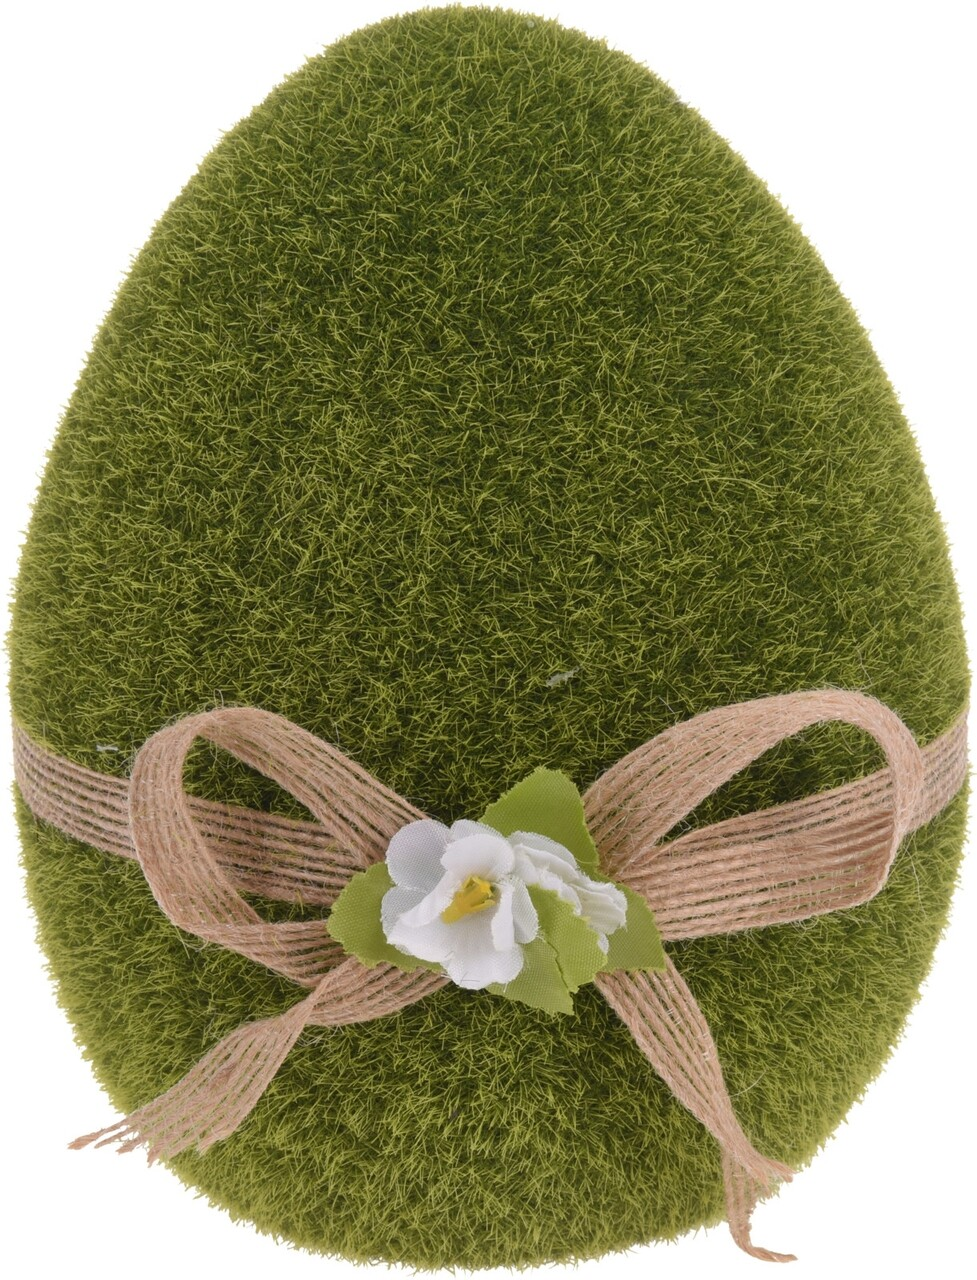 Decoratiune de paste Egg, 13x13x18 cm, ceramica, verde